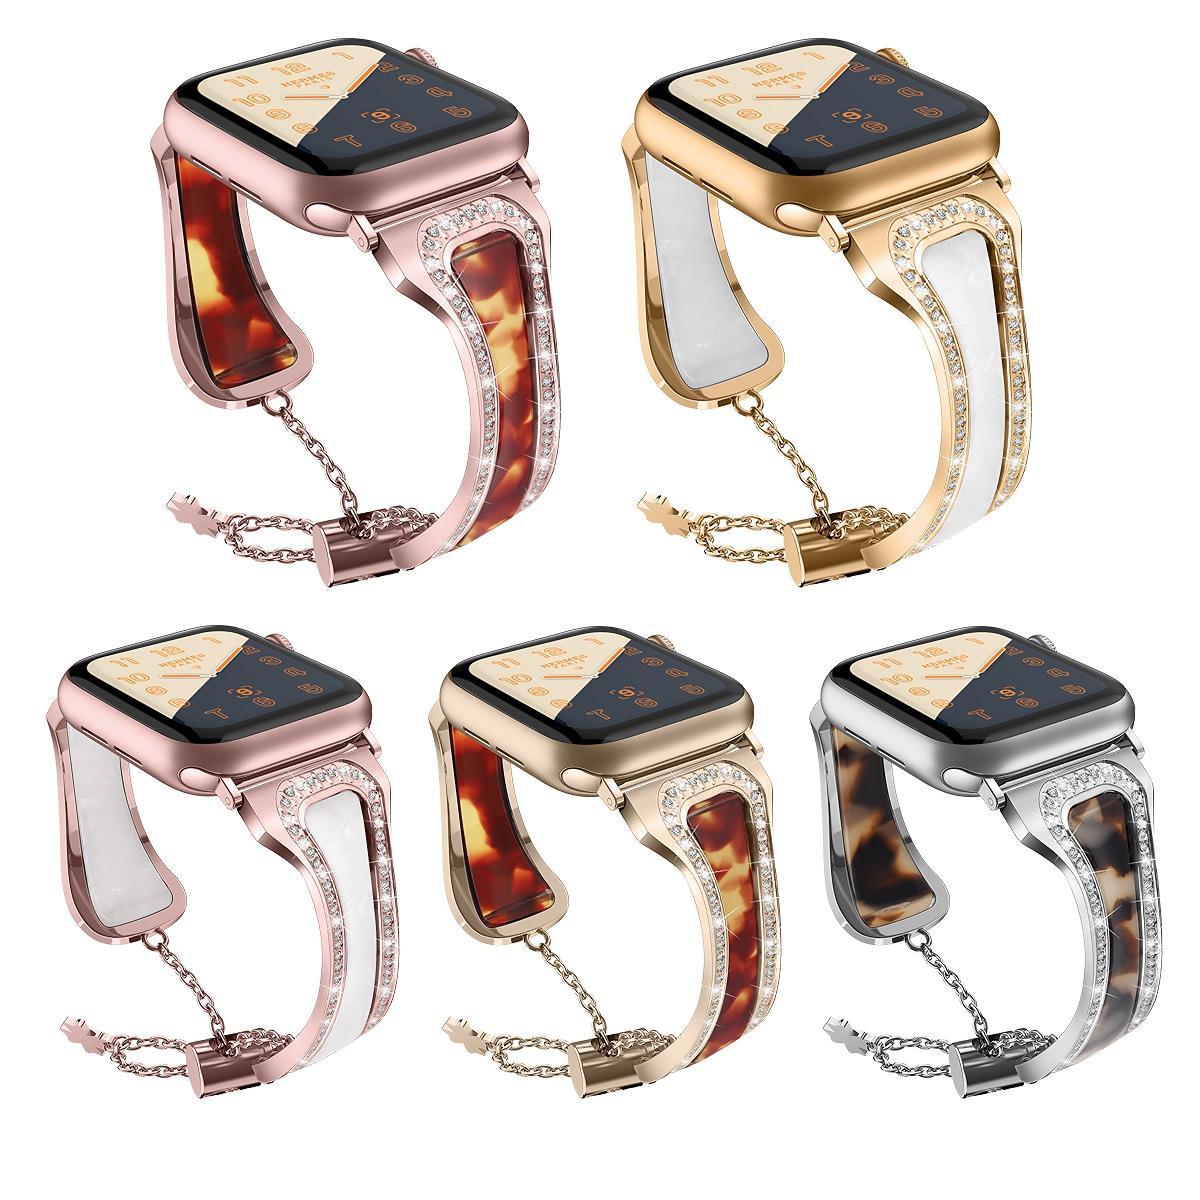 IWatch Band 38mm için Uyumlu 42mm Elmas Rhinestone Ayna Yedek Kayış Bilezik Bileklik Apple Watch SE / 6/5/4/3 82015